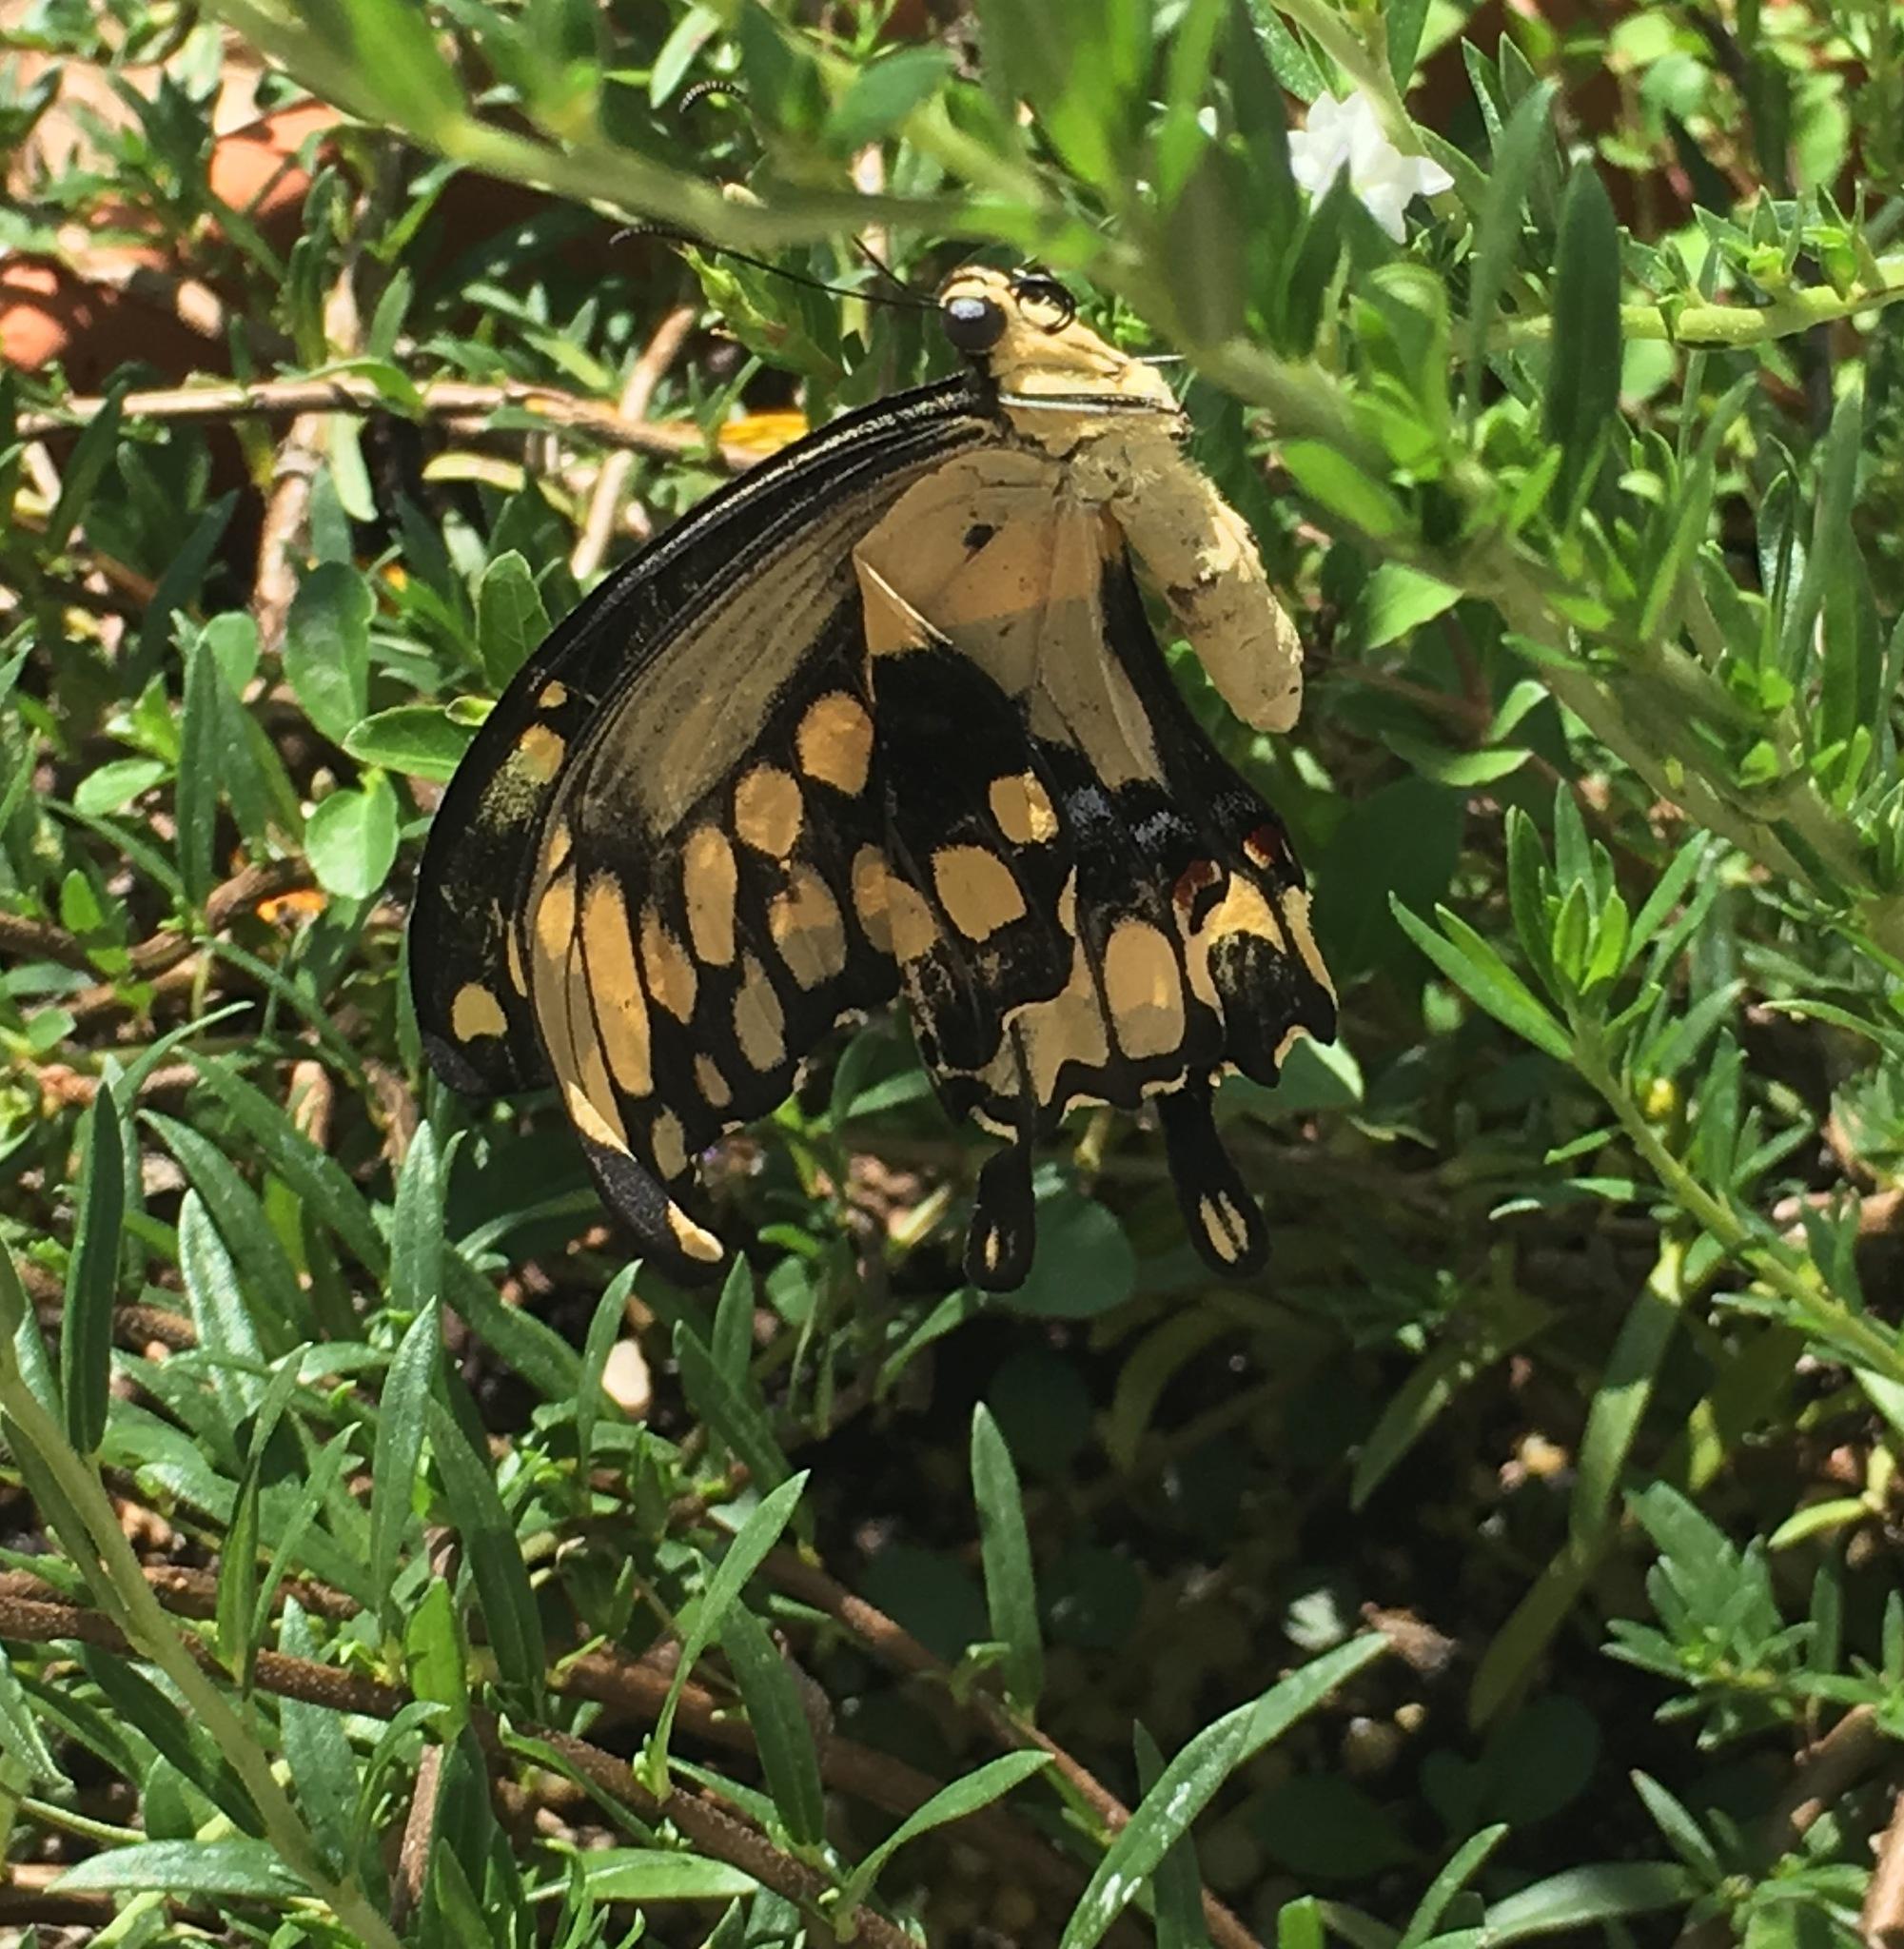 Giant swallowtail butterfly  by pamela.kanarr